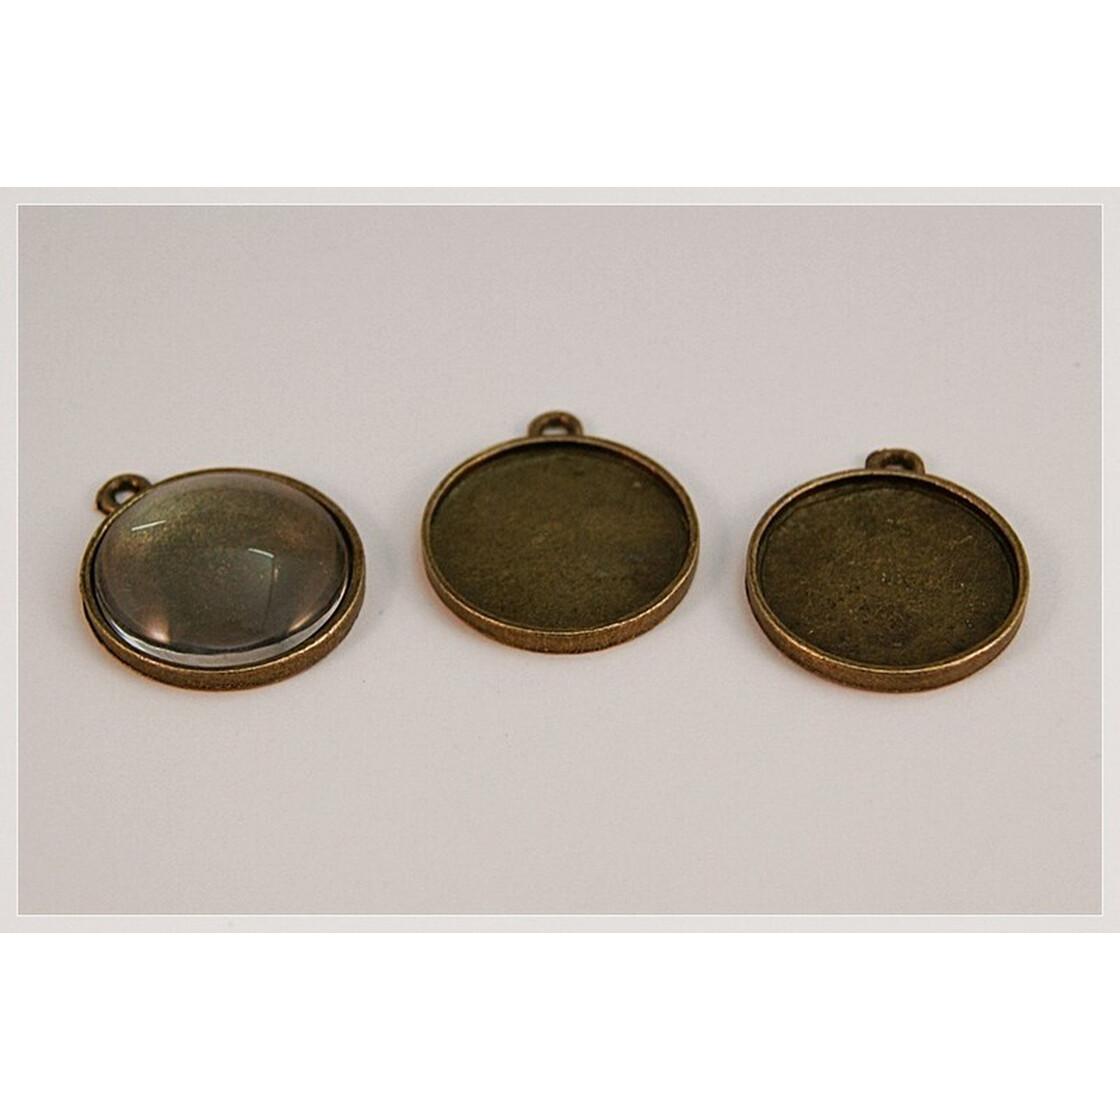 4 Fassungen rund für 25 mm Cabochons Gold Medaillons Anhänger M576